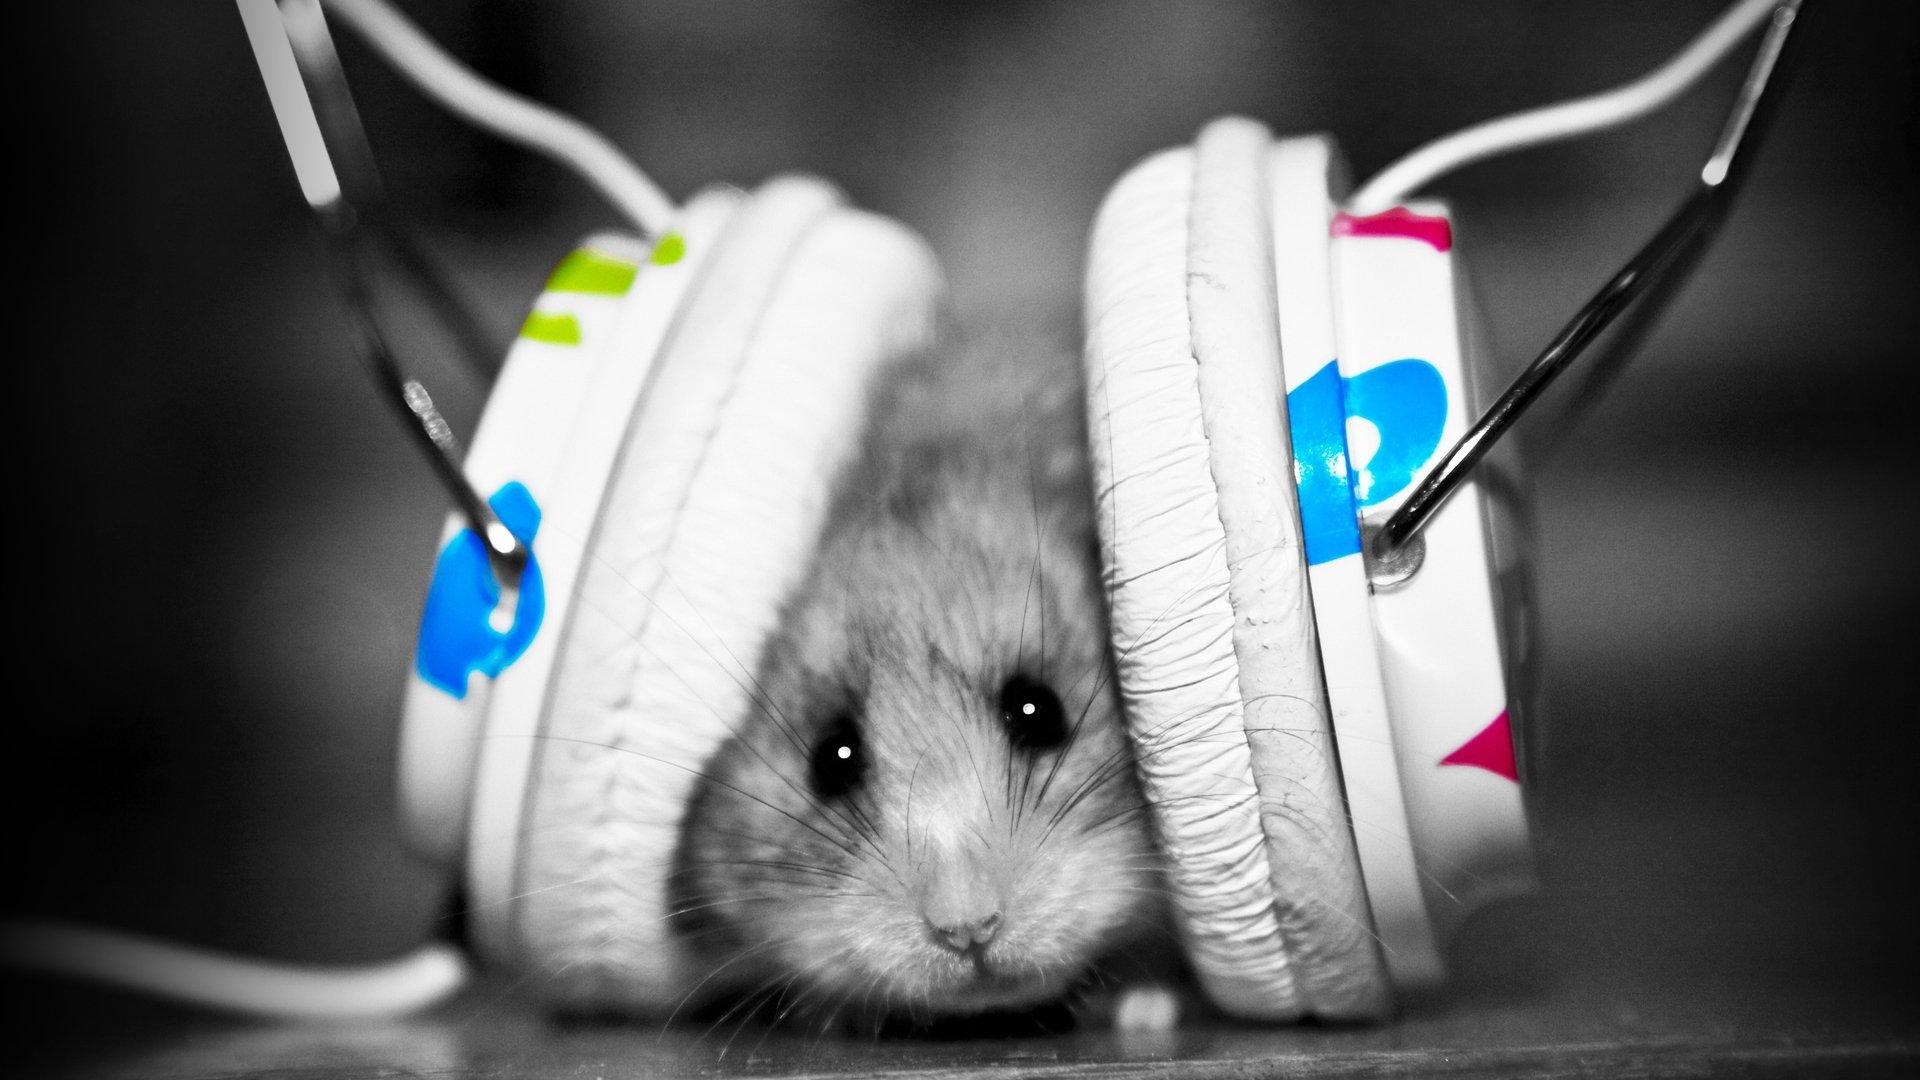 Эксперты составили рейтинг преданности музыкальным жанрам. - Изображение 1